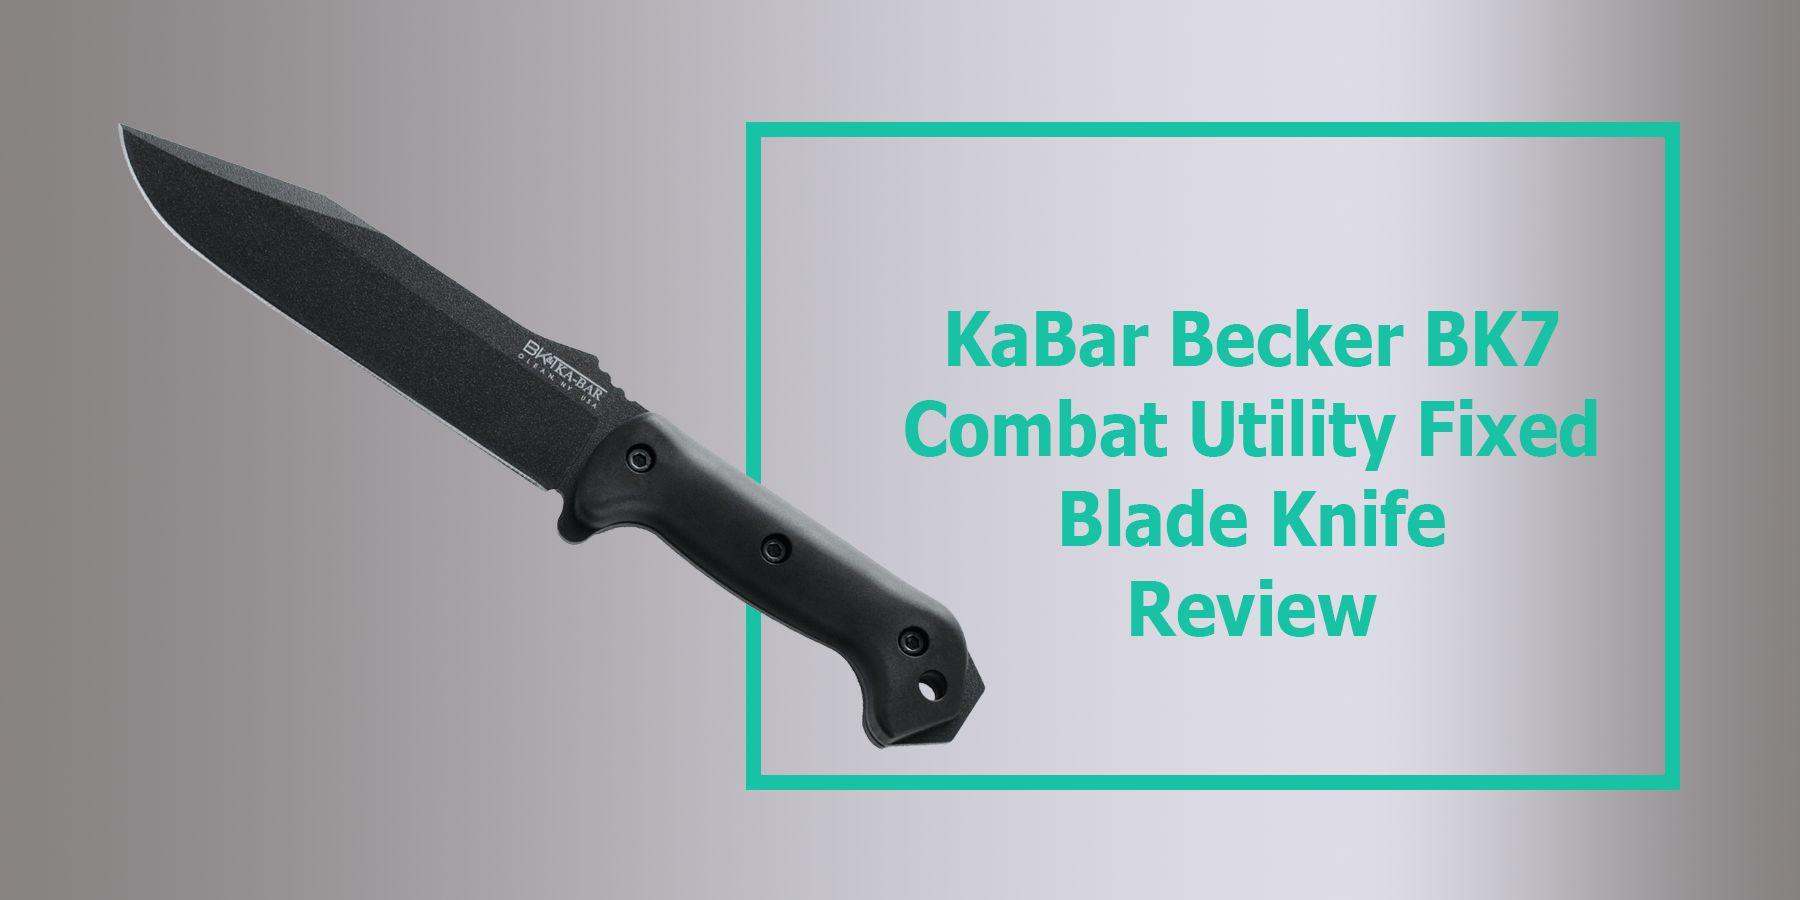 KaBar Becker BK7 Combat Utility Fixed Blade Knife Review